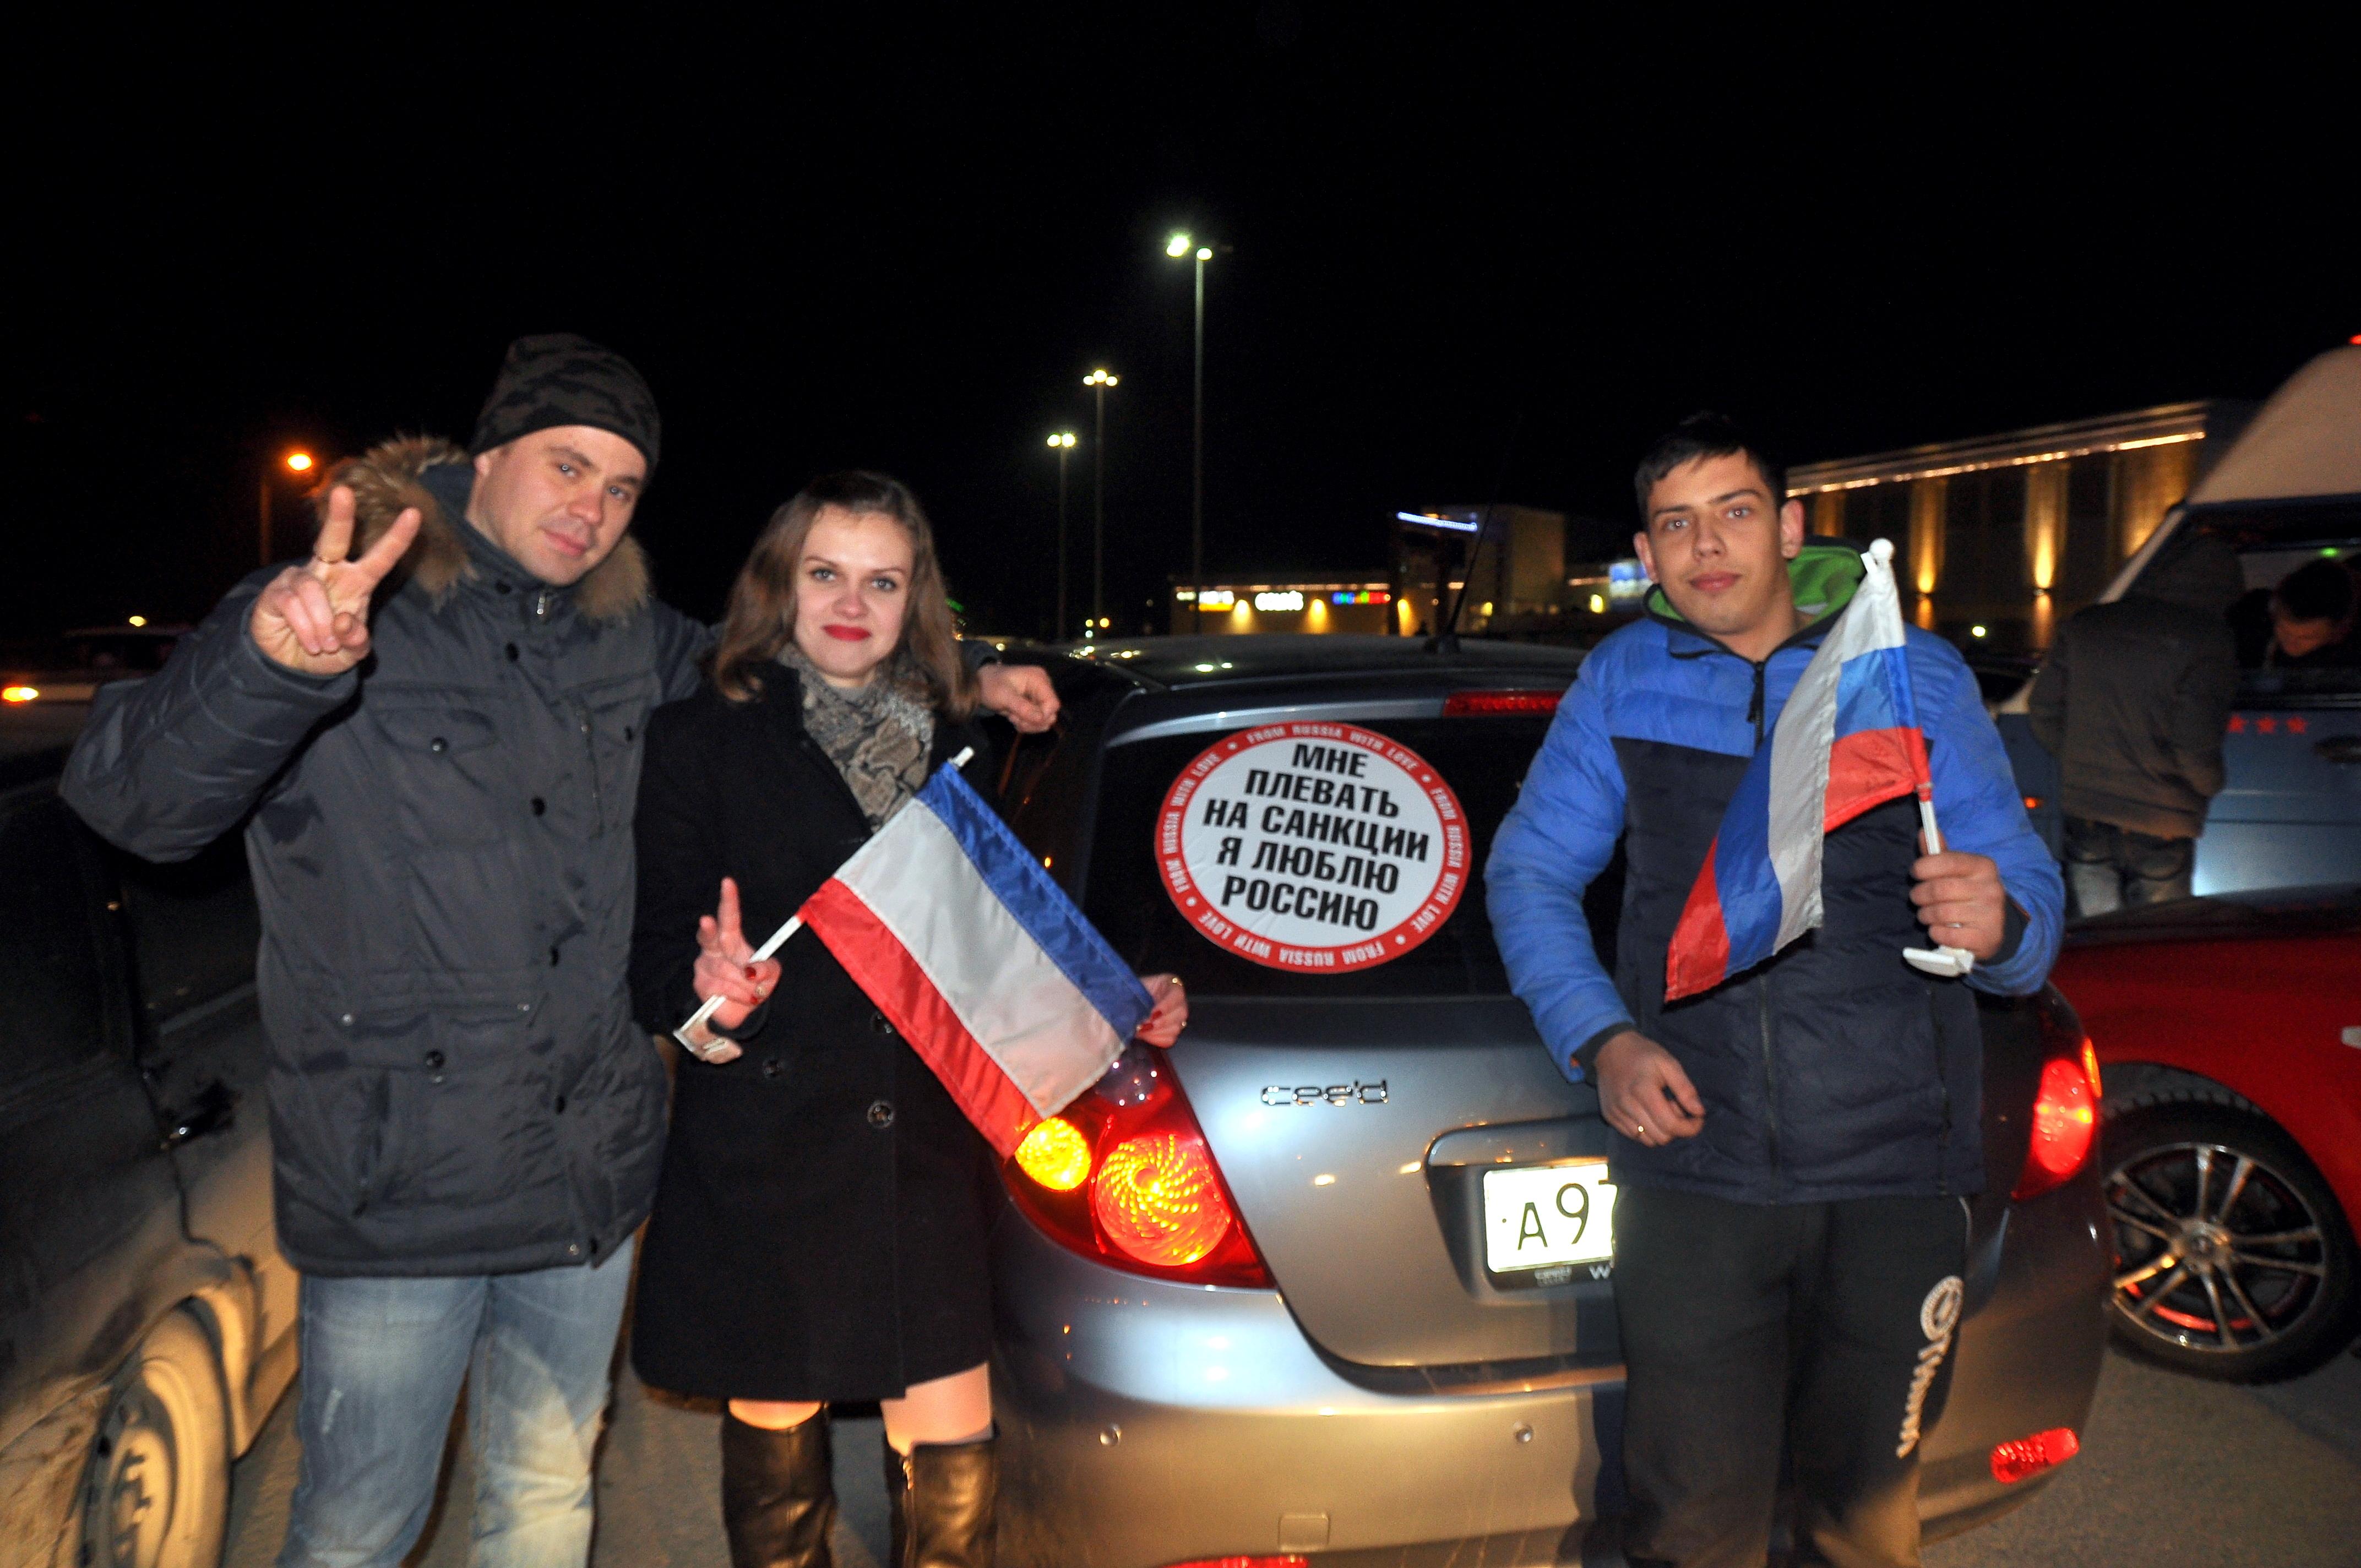 Неменее 200 авто выстроили ввиде контура Крыма вдень республики